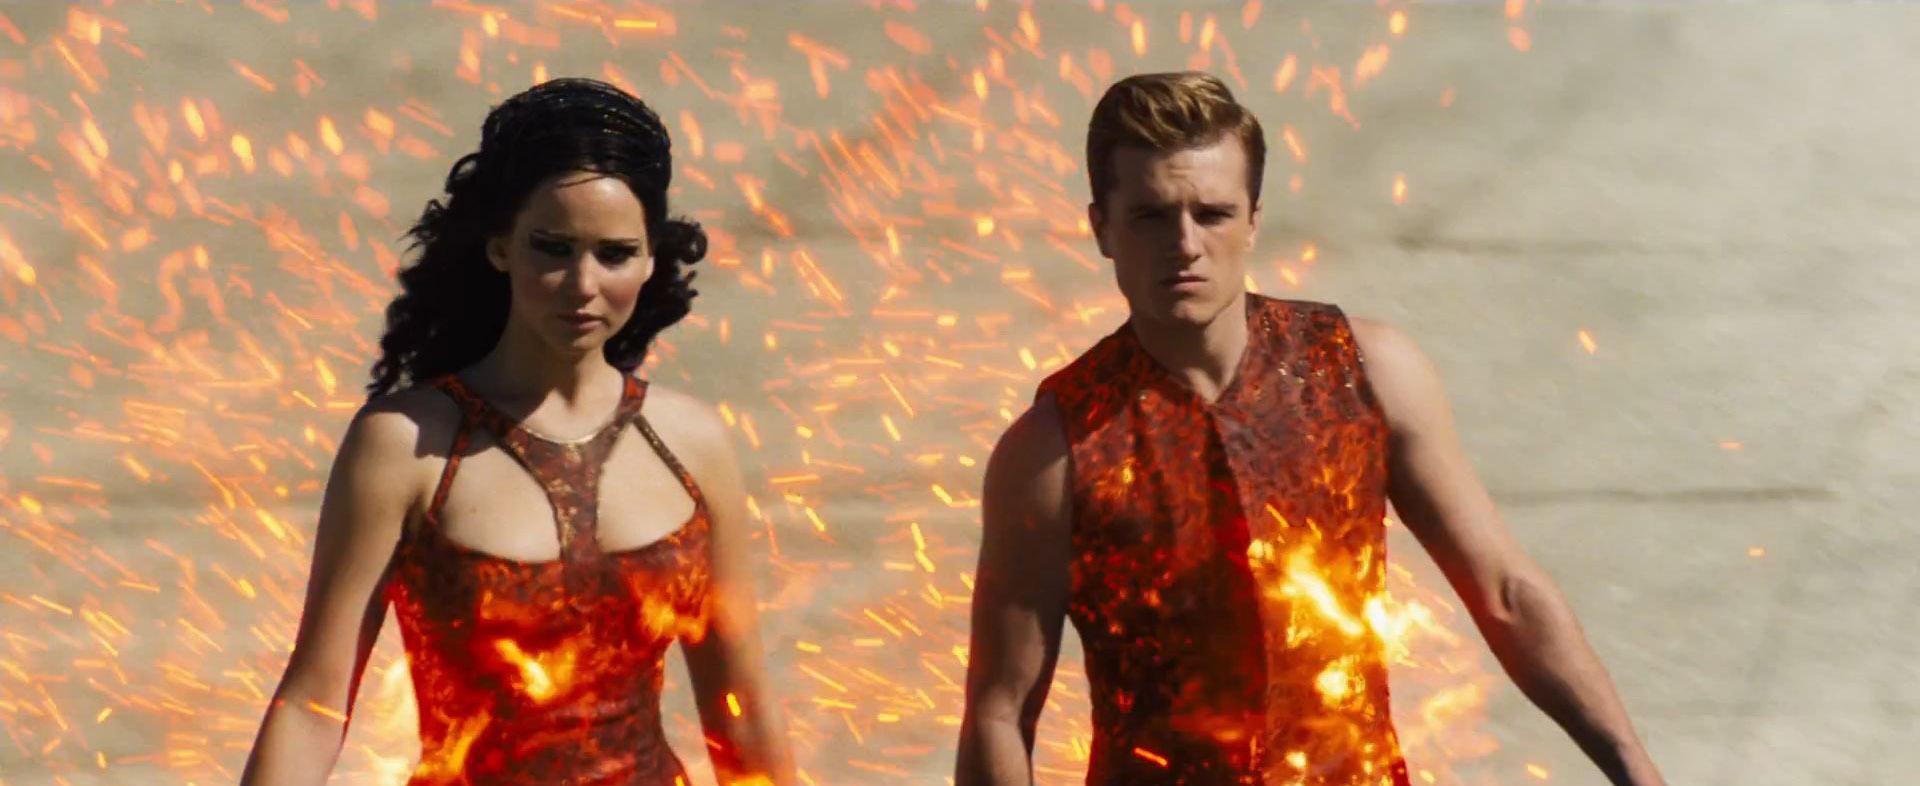 Hunger Games : L'Embrasement (The Hunger Games: Catching Fire) est un film américain de science-fiction dystopique réalisé par Francis Lawrence, sorti en 2013.